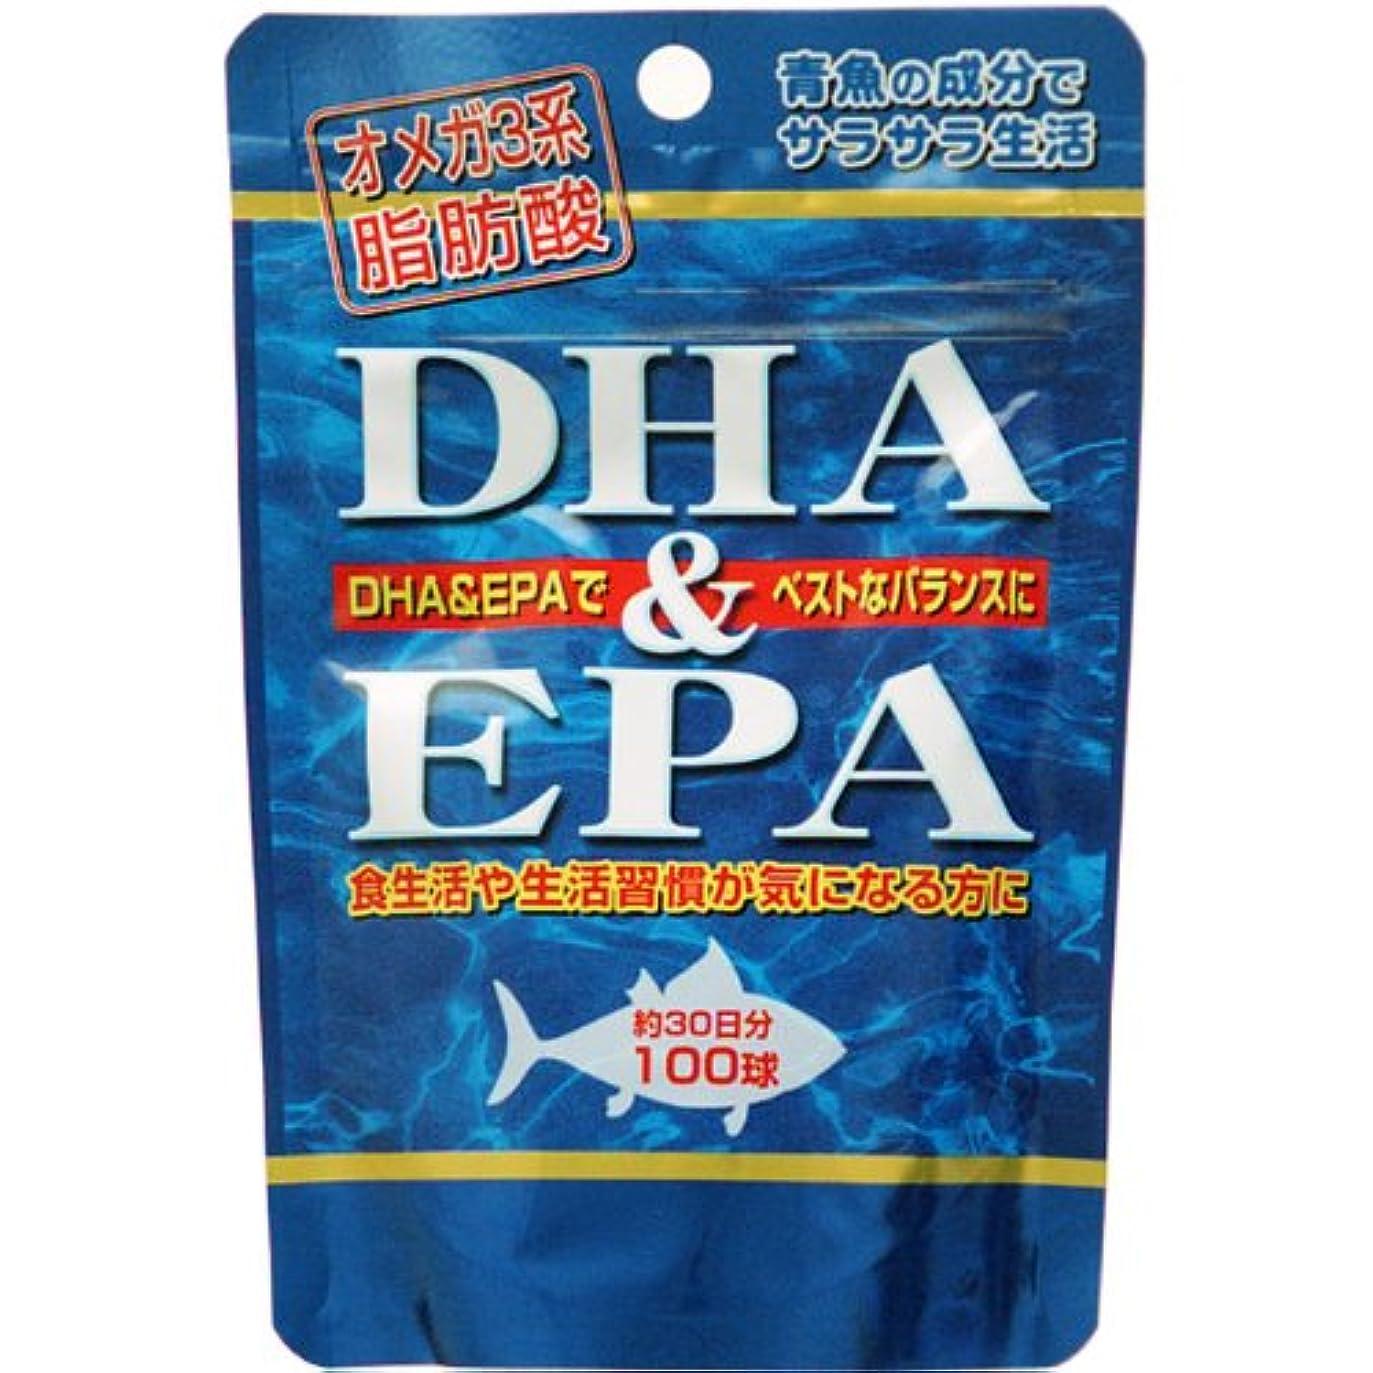 とても若さ追加DHA(ドコサヘキサエン酸)&EPA(エイコサペンタエン酸)